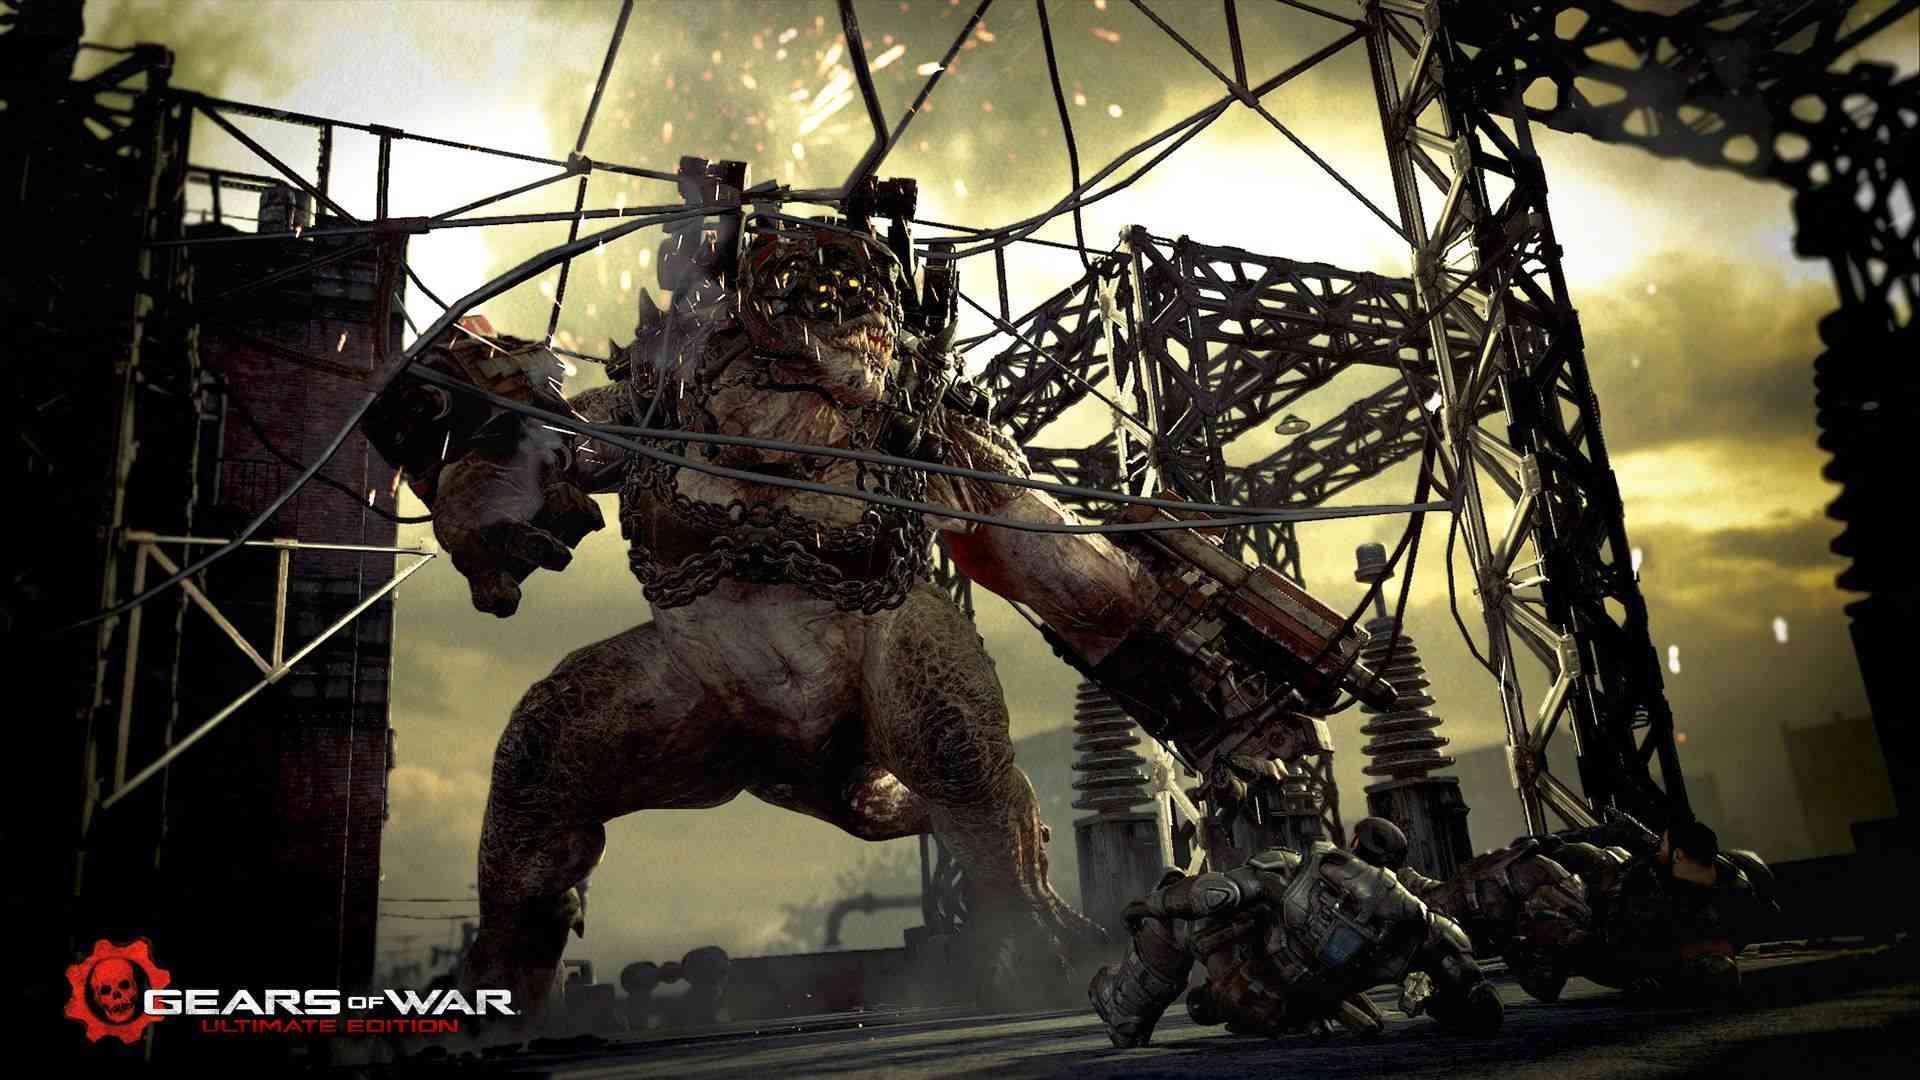 Rod Fergusson de The Coalition, bromea con la idea de llevar el Brumak a Monster Hunter World - El máximo responsable de The Coalition, ha bromeado con la posibilidad de llevar un Brumak a Monster Hunter World. Asegura que si estuviera armado sería genial.